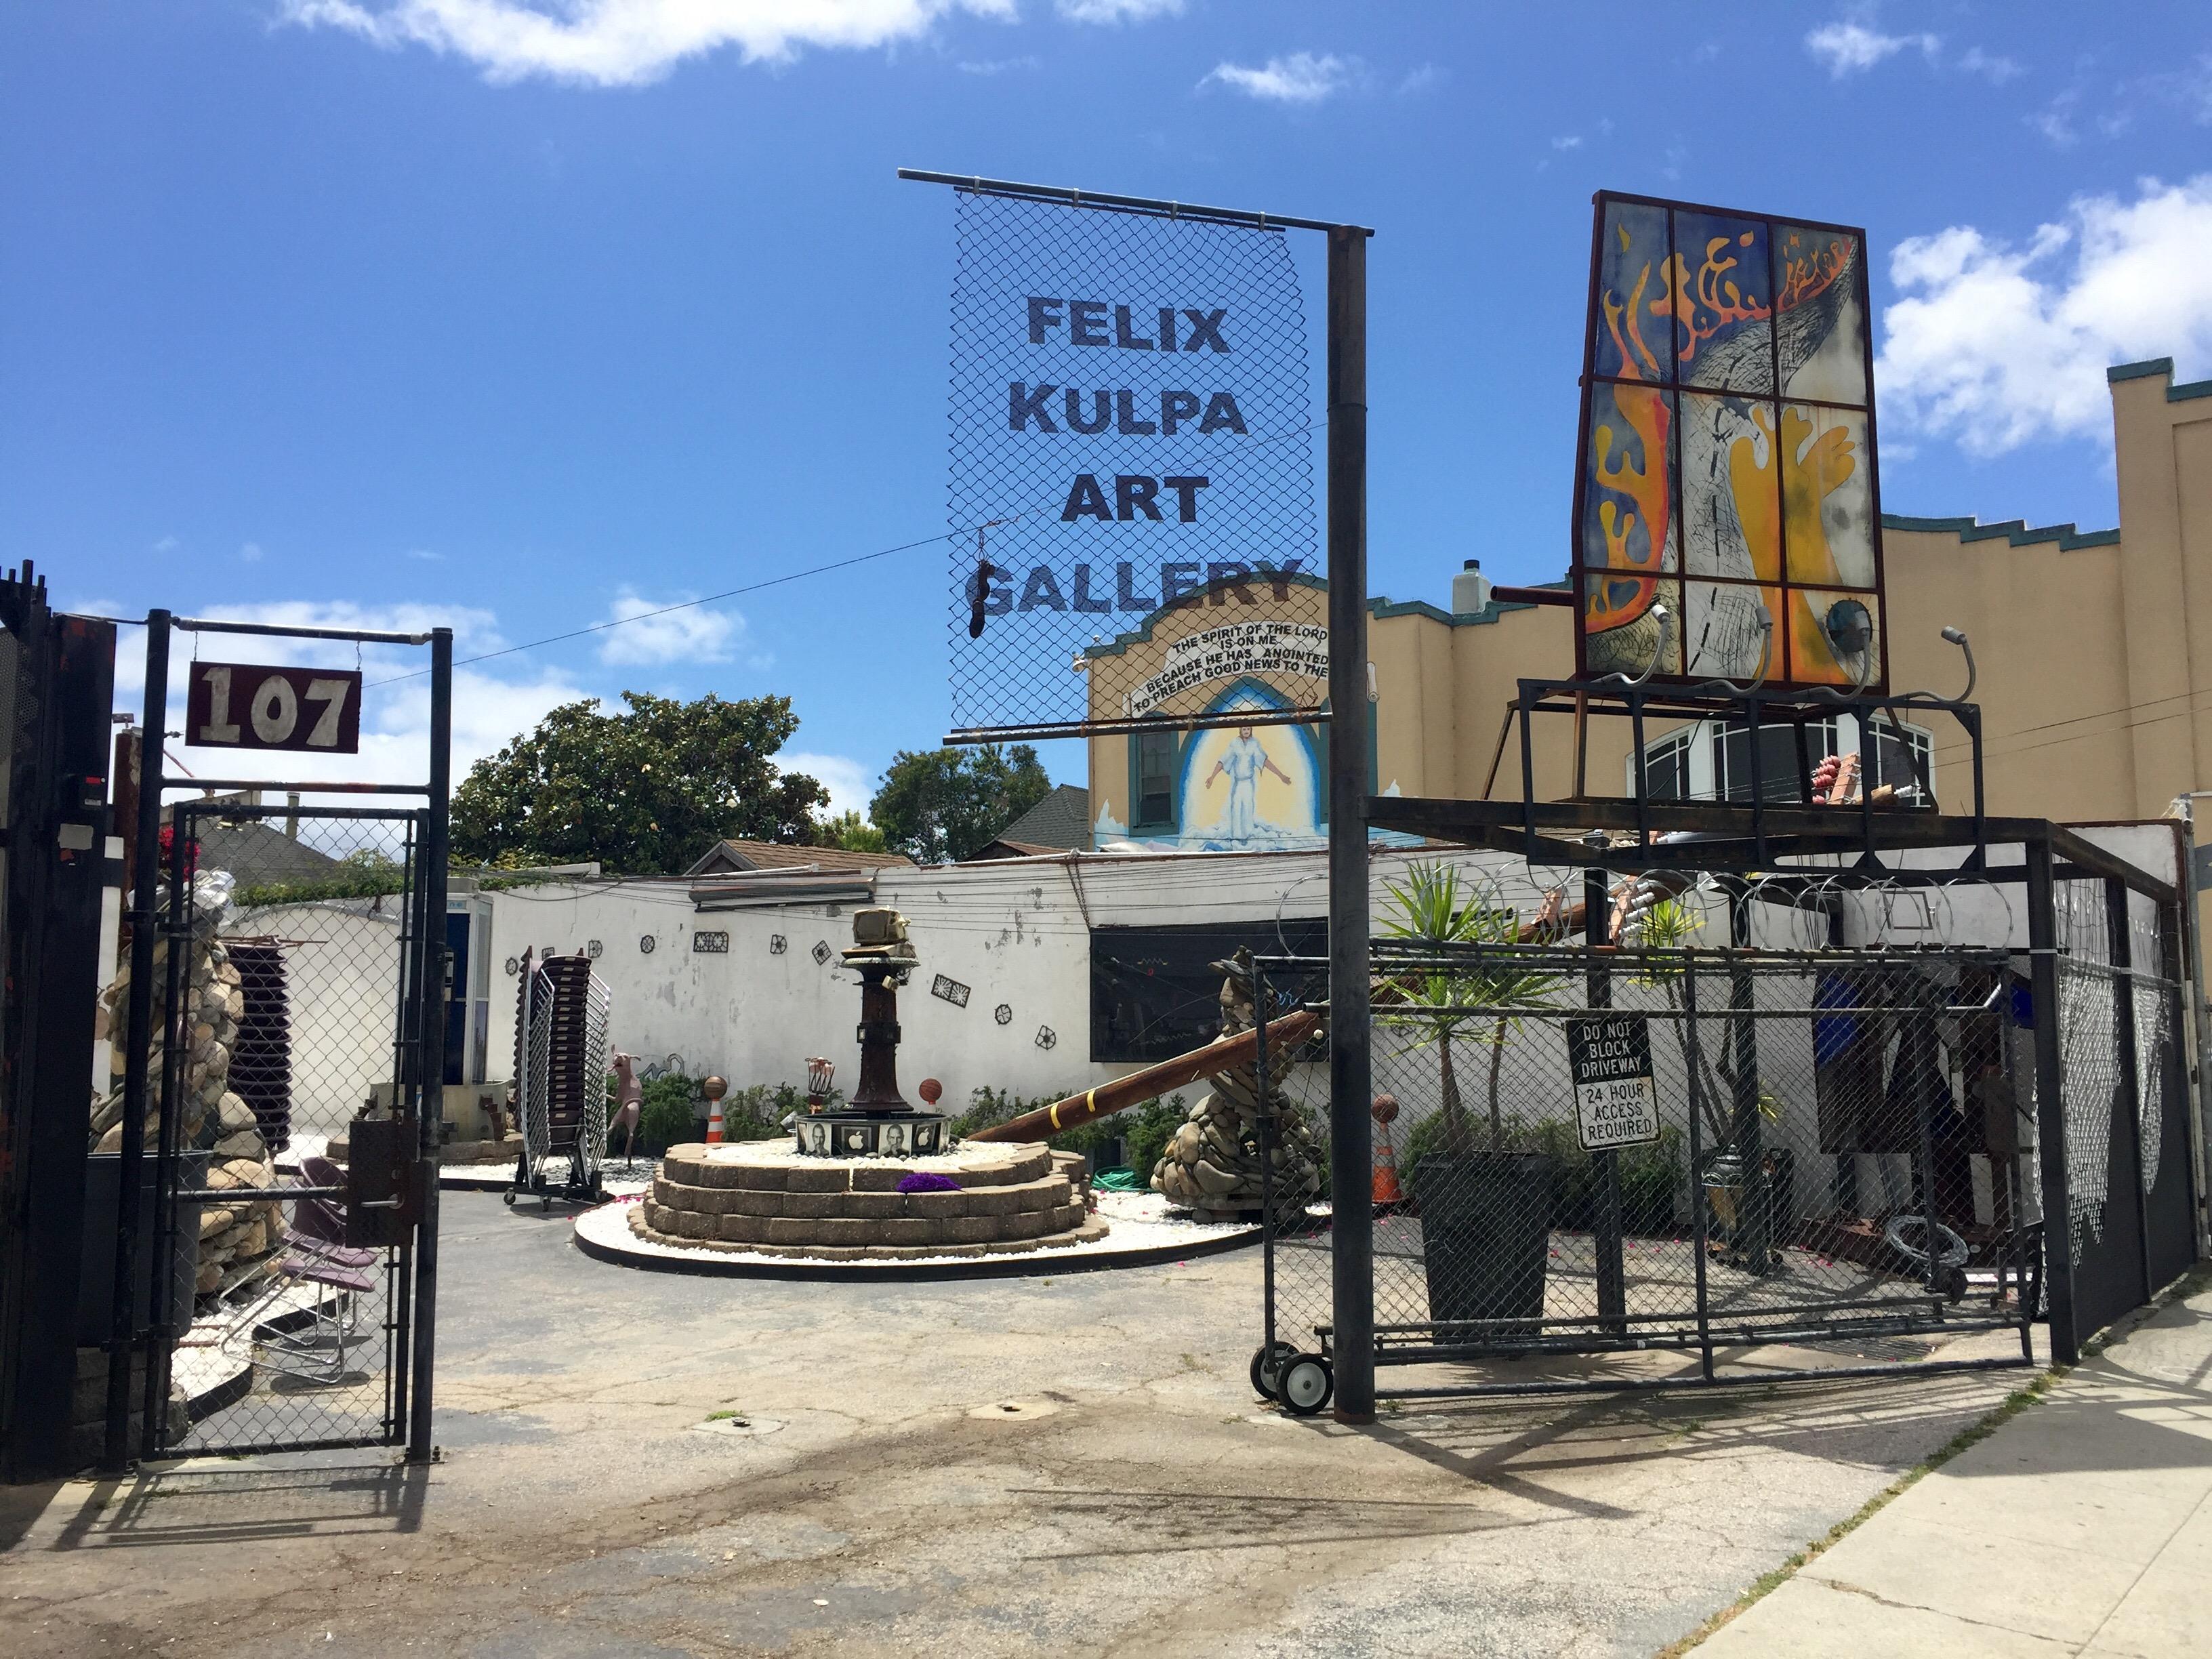 The Felix Kulpa Gallery and Sculpture Garden